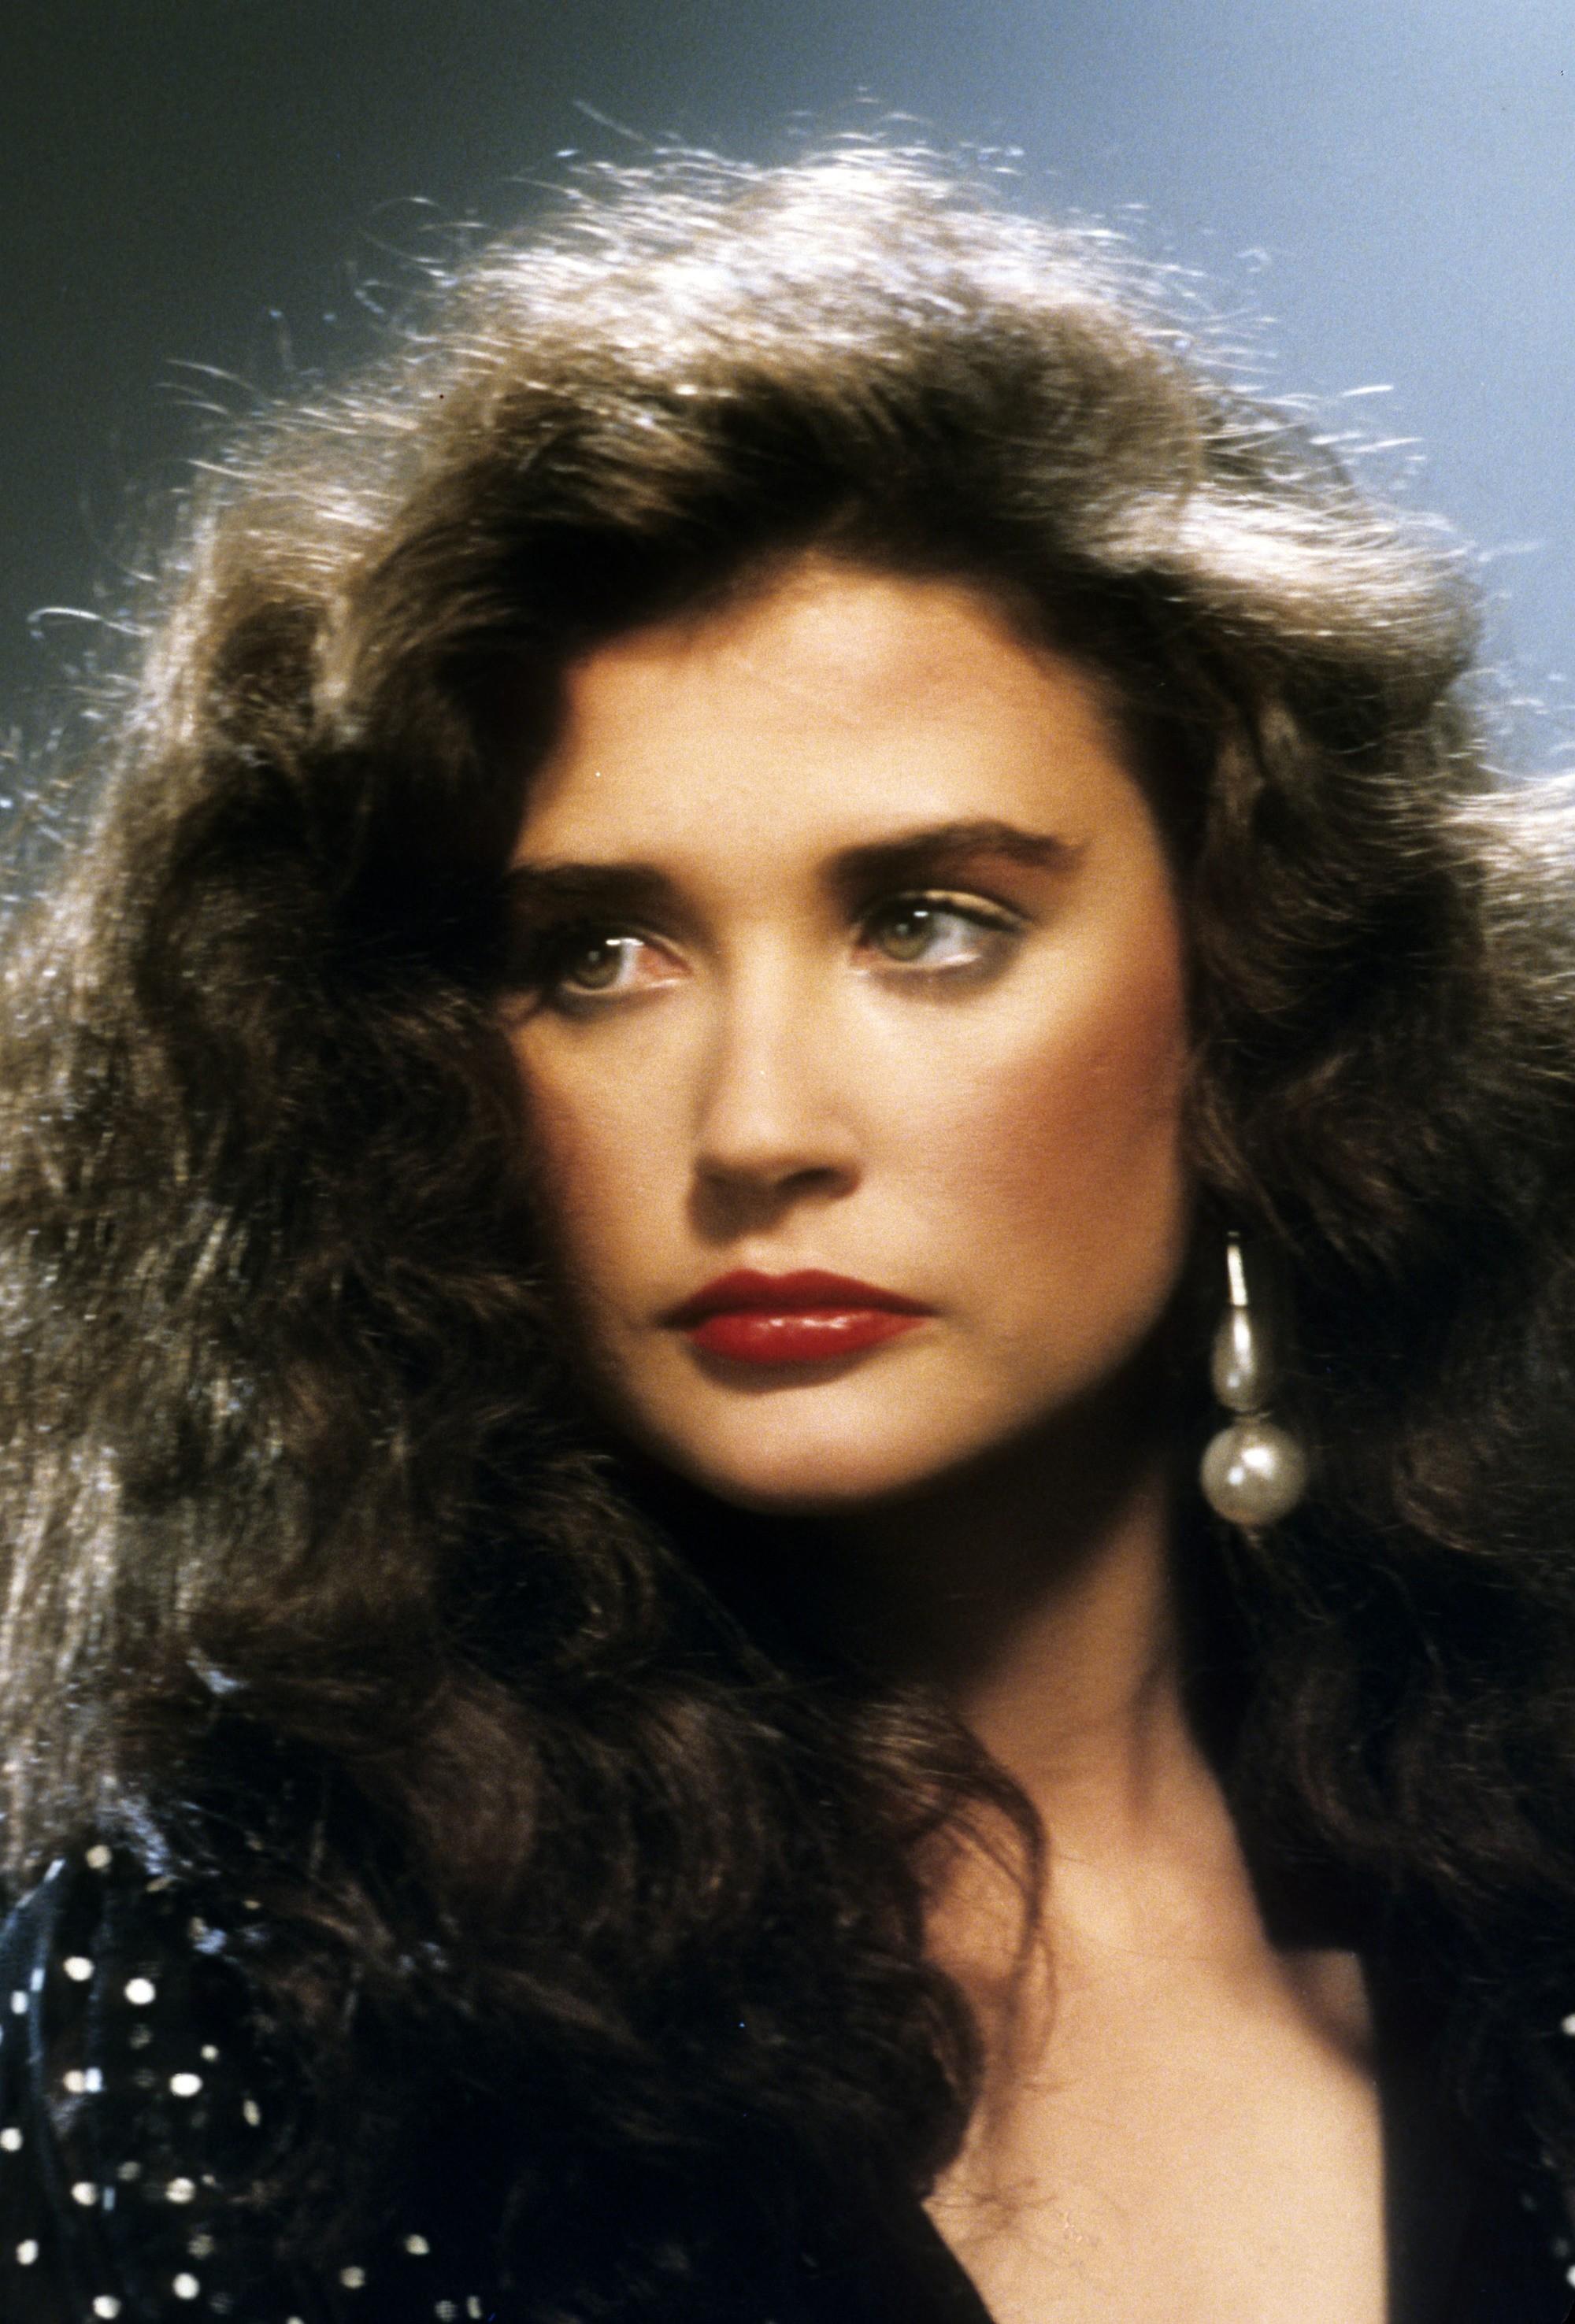 Coiffures des années 80 : Demi Moore jeune, cheveux bruns bouclés et ondulés des années 80, portant une boucle d'oreille en gros plan.